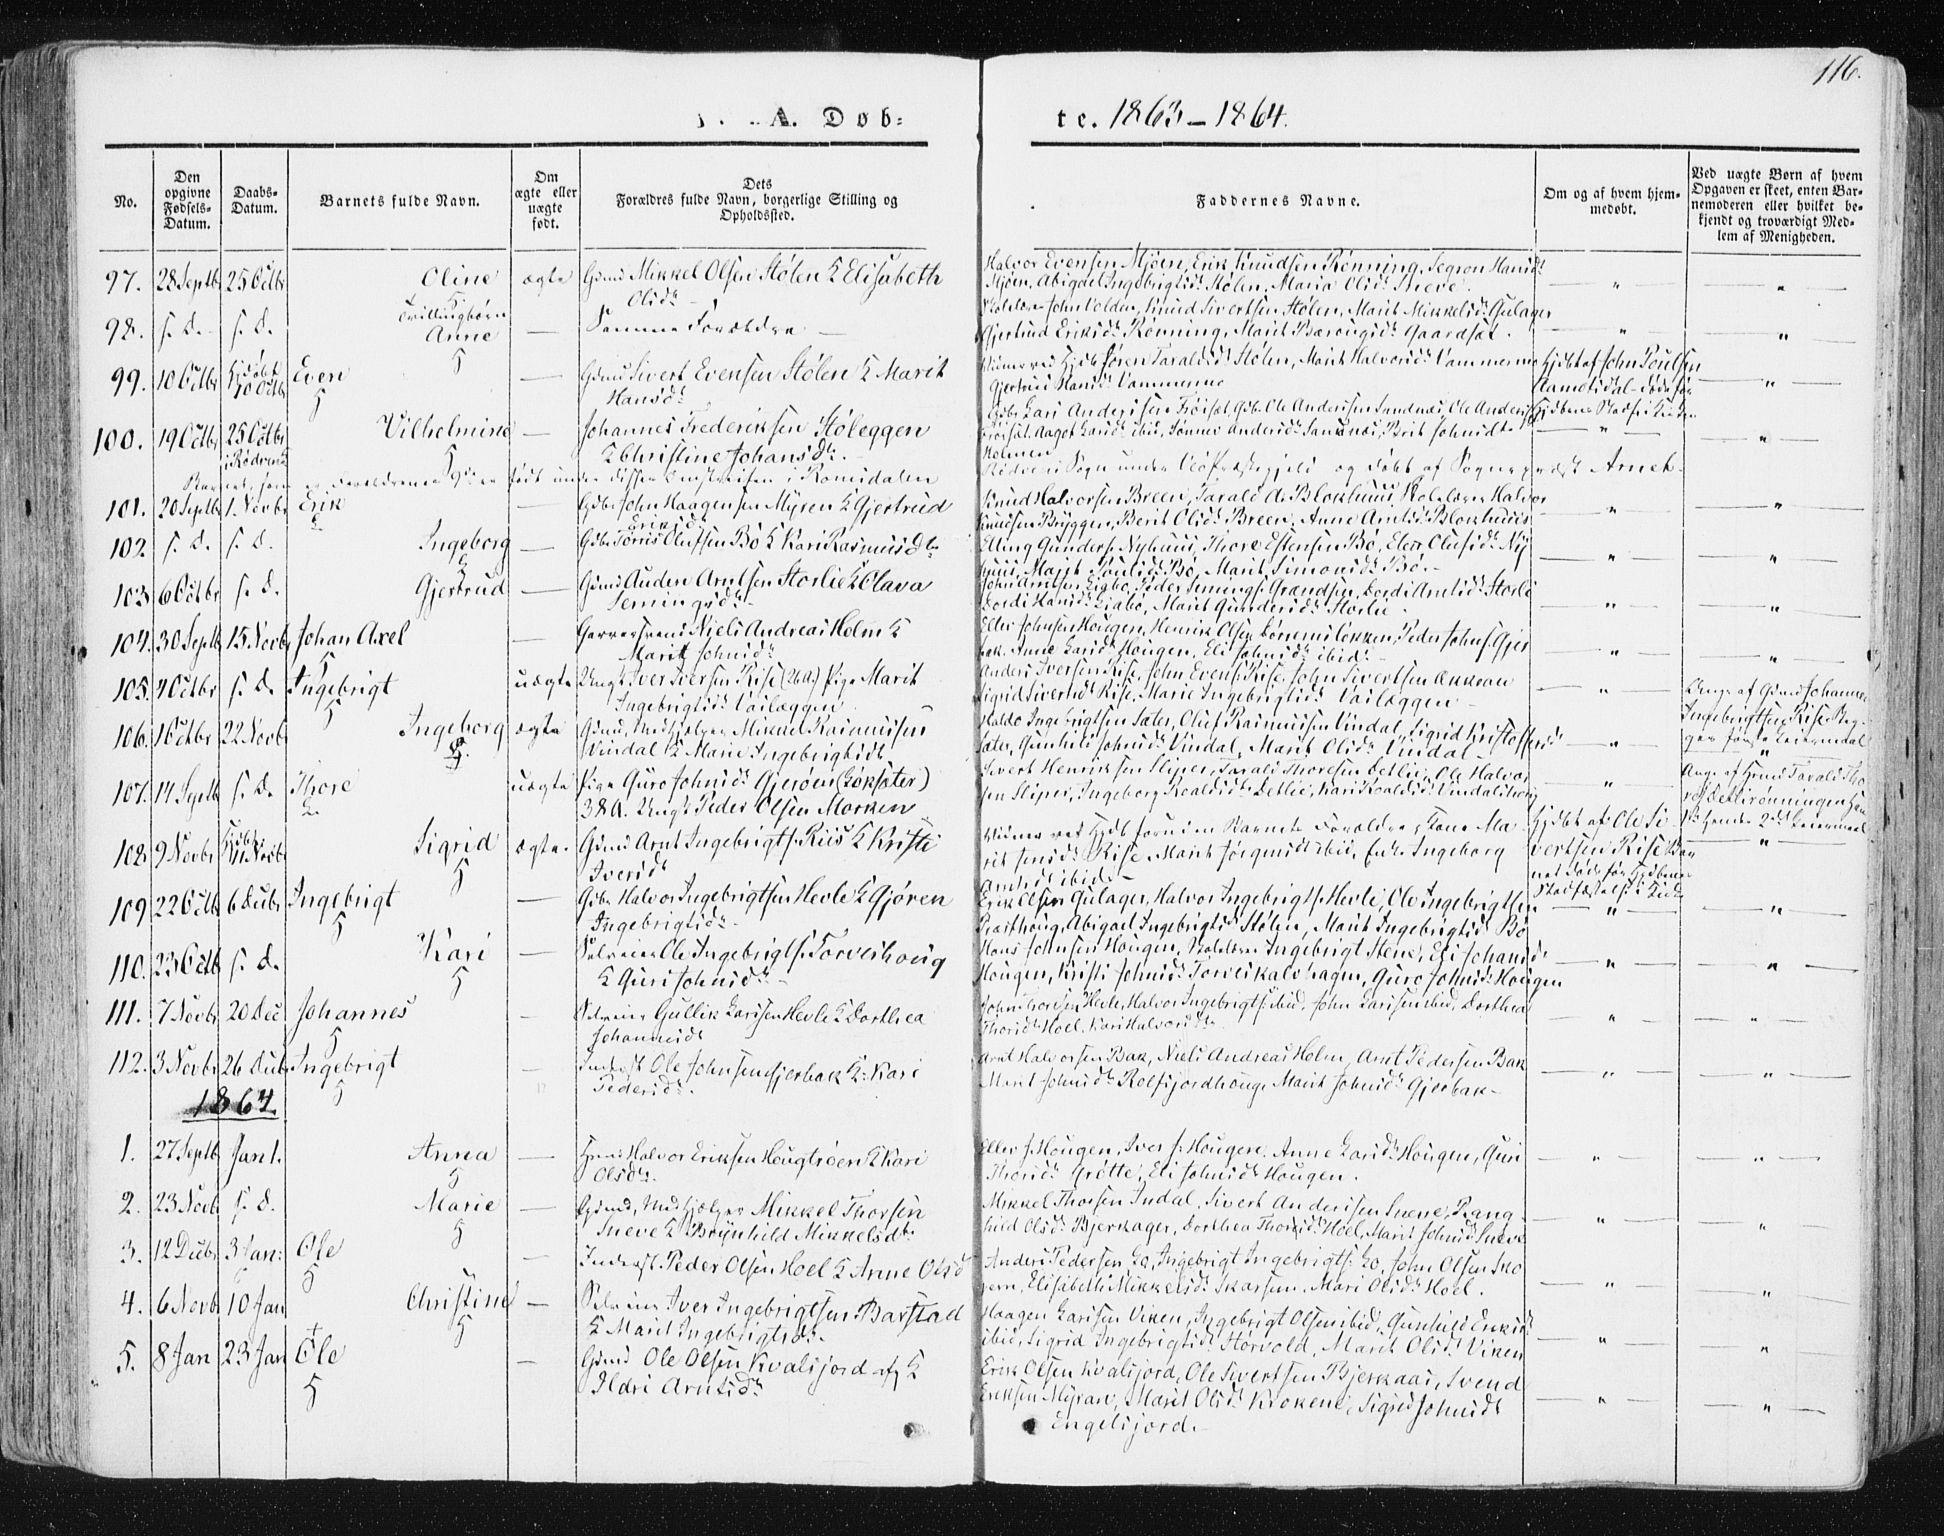 SAT, Ministerialprotokoller, klokkerbøker og fødselsregistre - Sør-Trøndelag, 678/L0899: Ministerialbok nr. 678A08, 1848-1872, s. 116